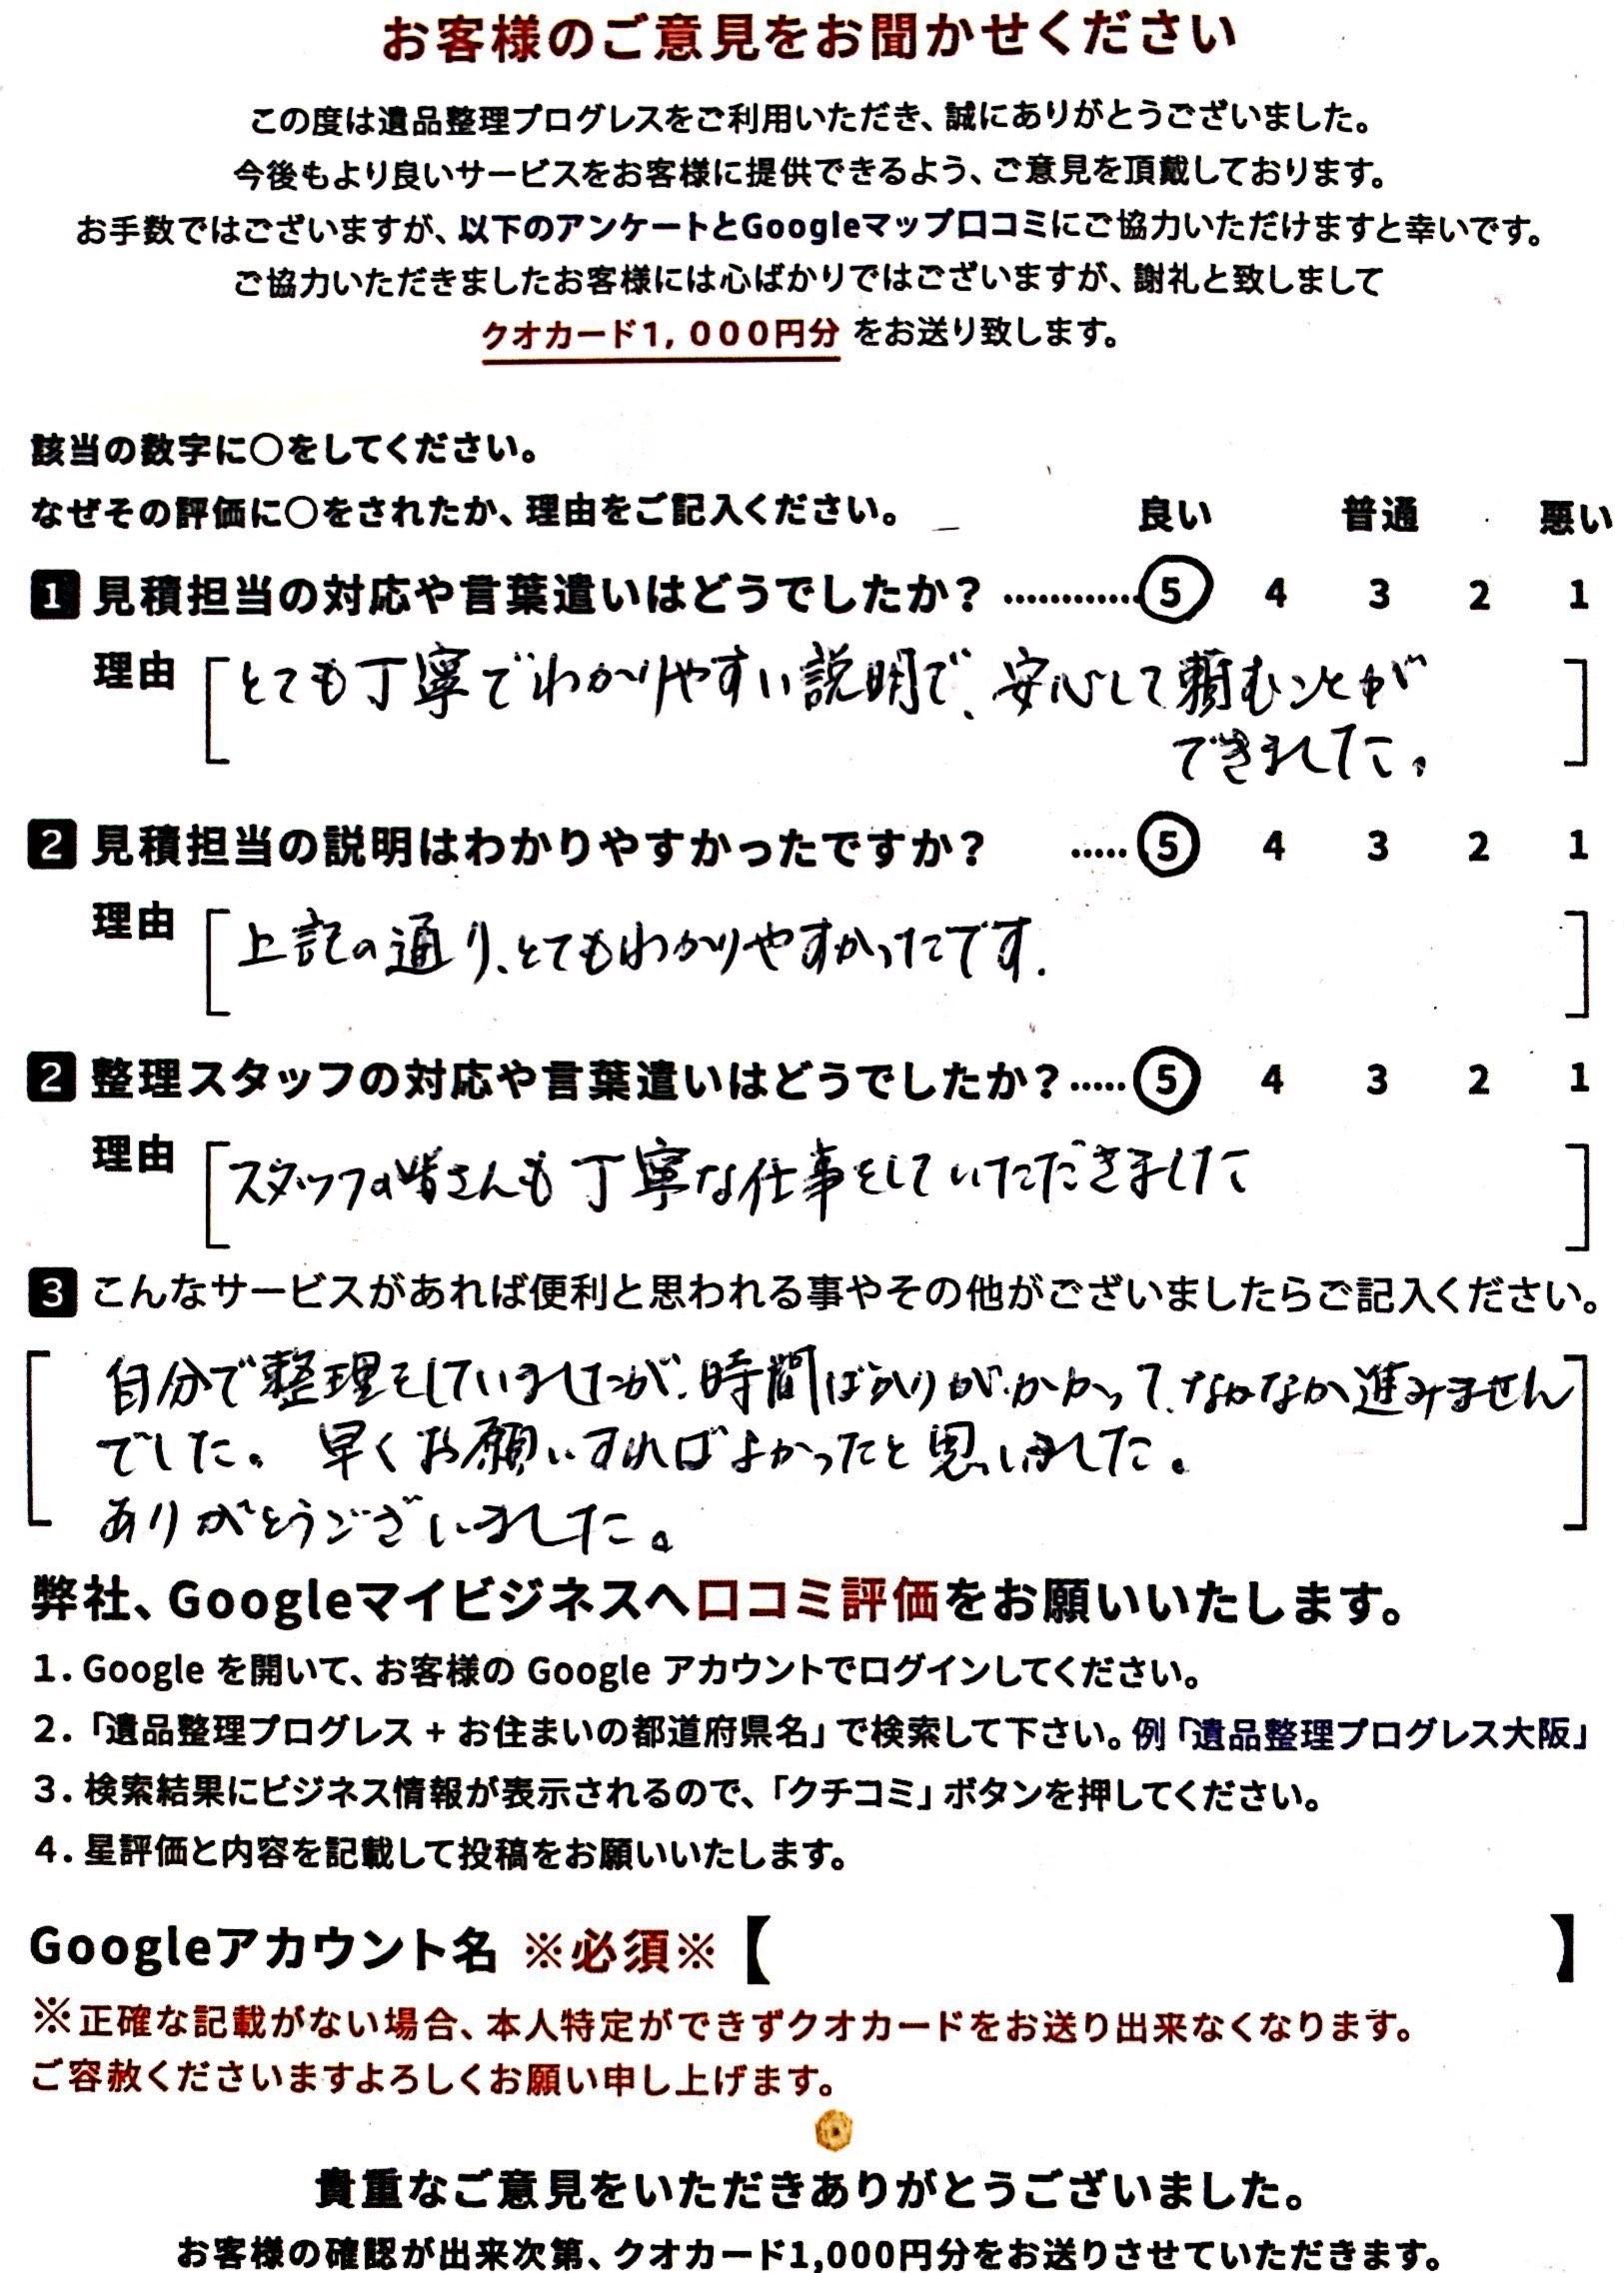 熊本県玉名市 N・Y様のアンケート用紙